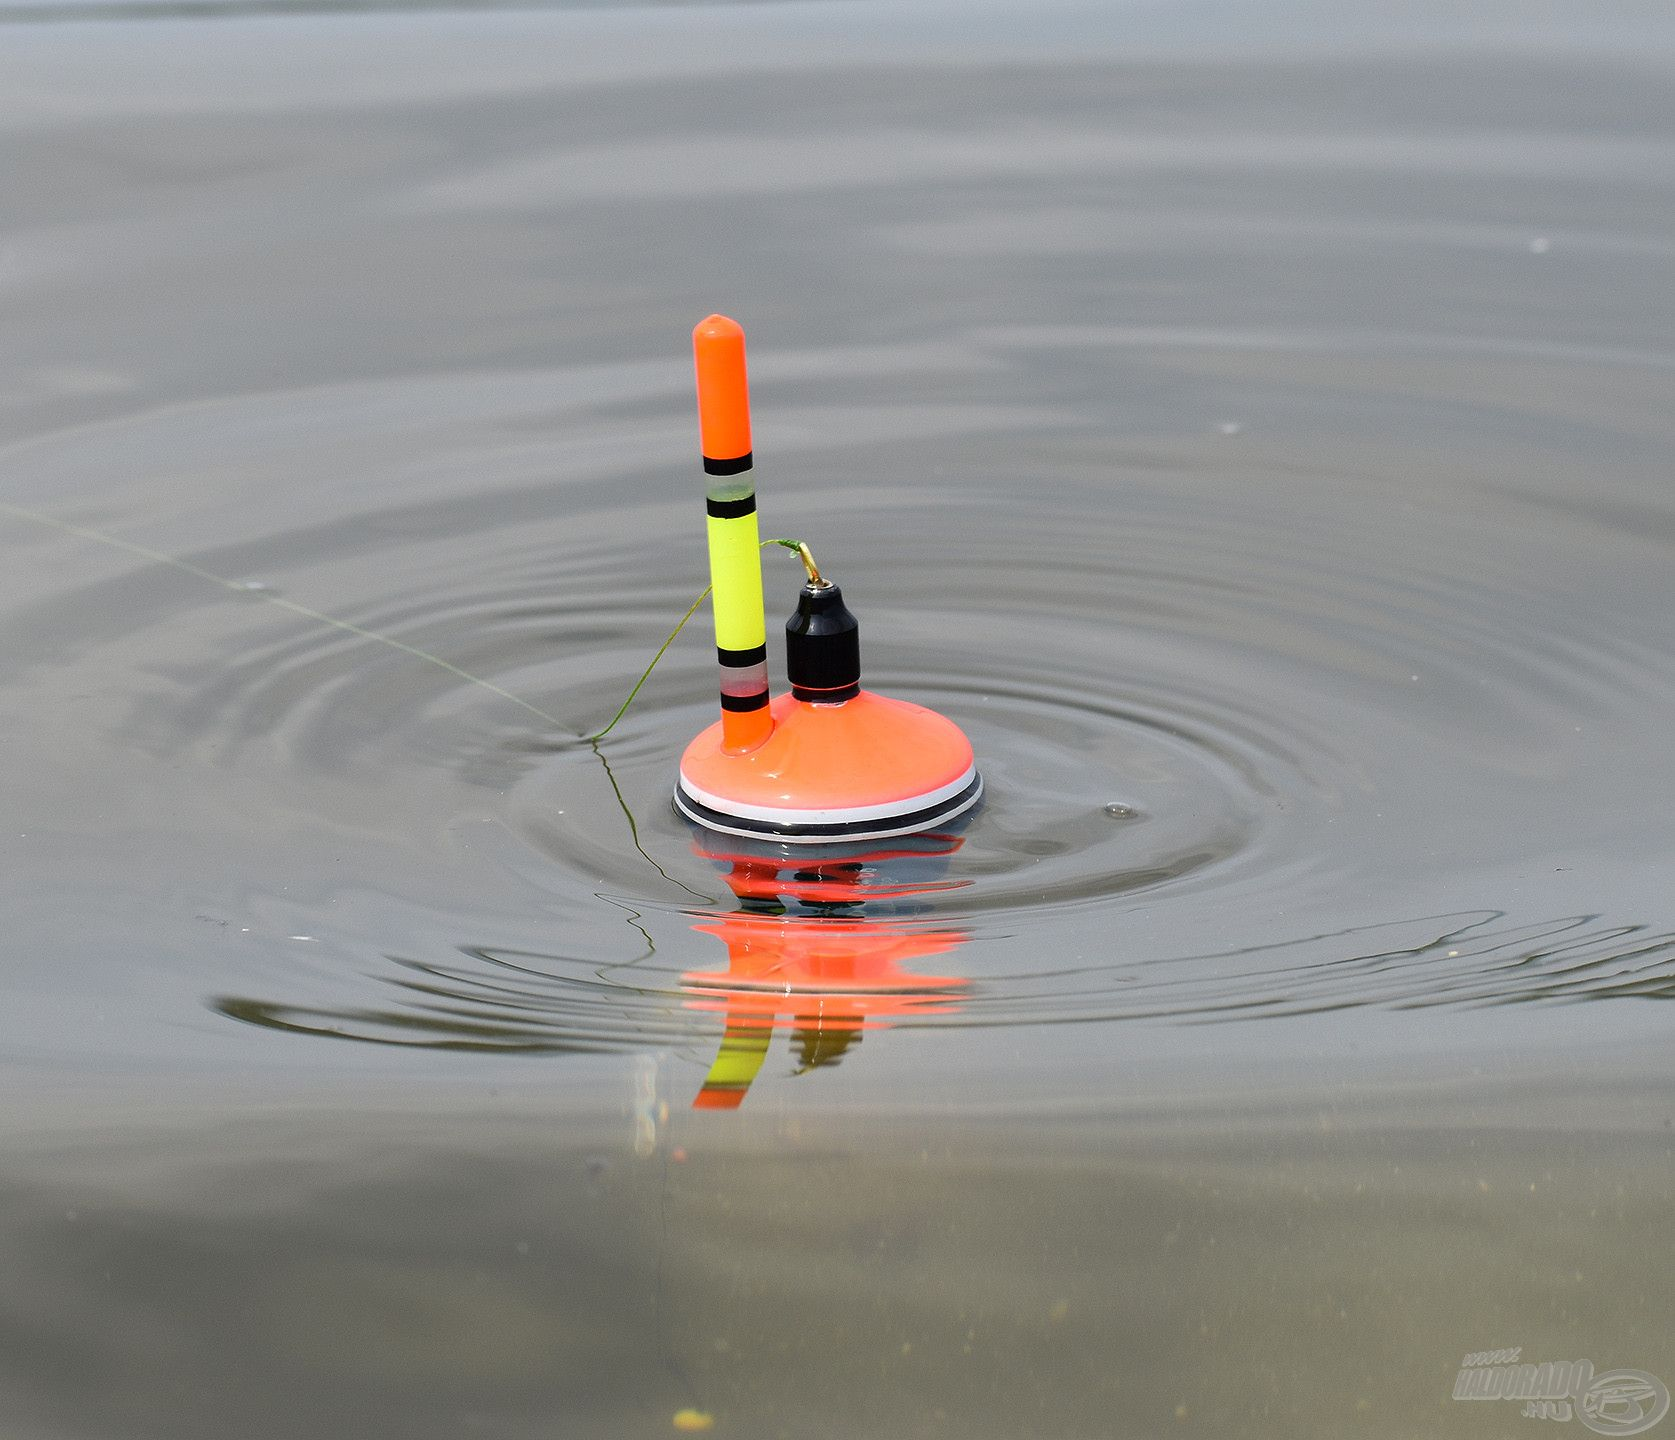 Ha az úszó etetőkosarának tartalma kiürül, a két fehér csík is felszínre kerül – ez jelzi, hogy itt az ideje újat dobni